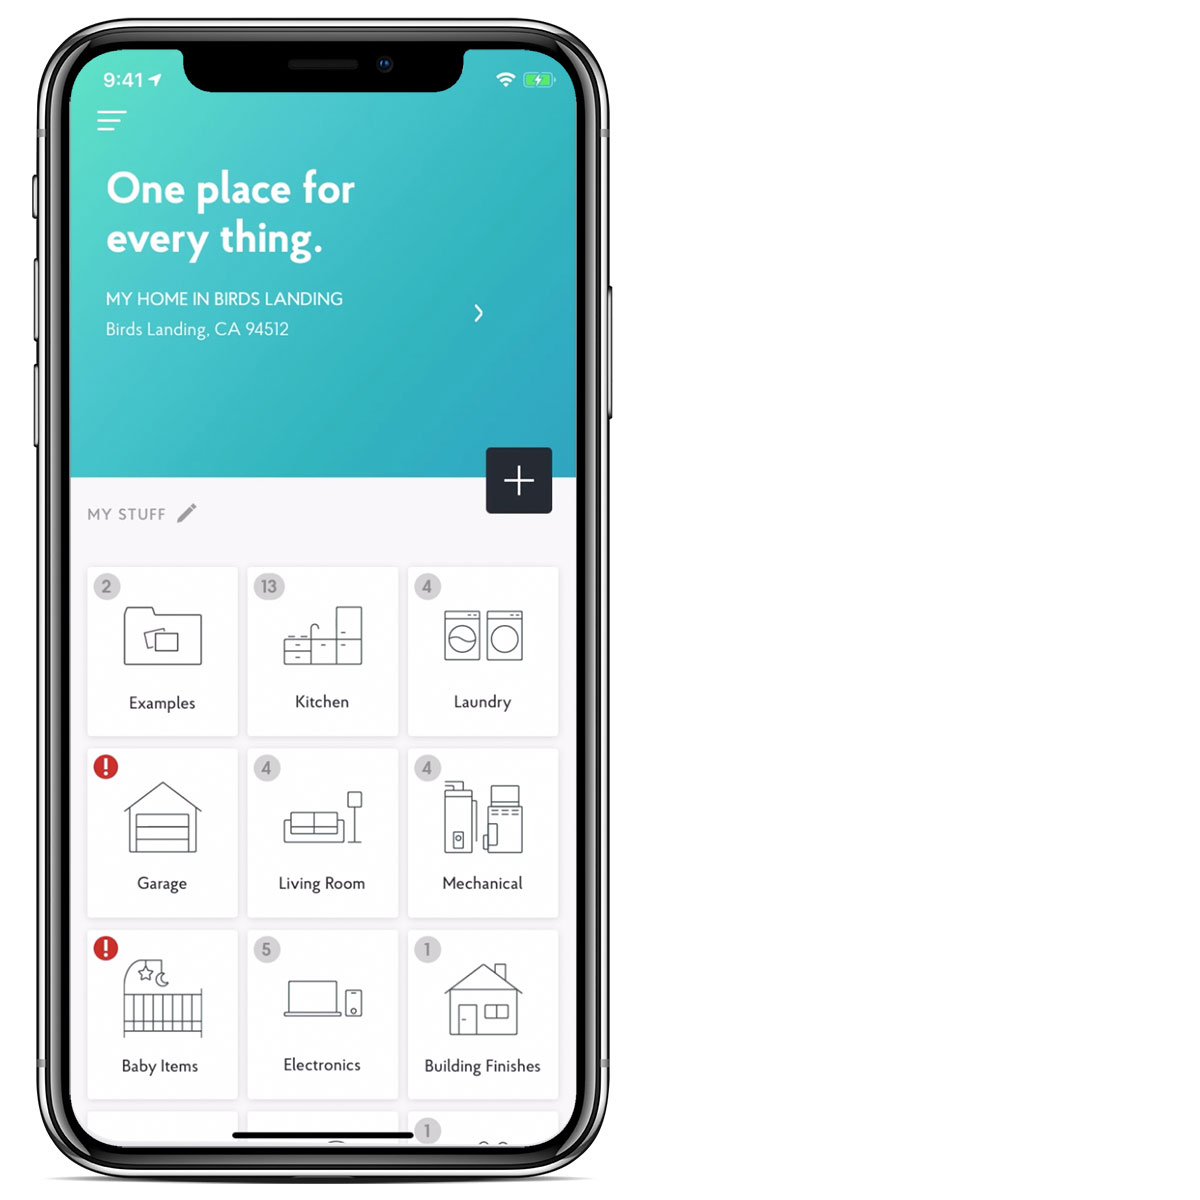 Centriq homeowner app